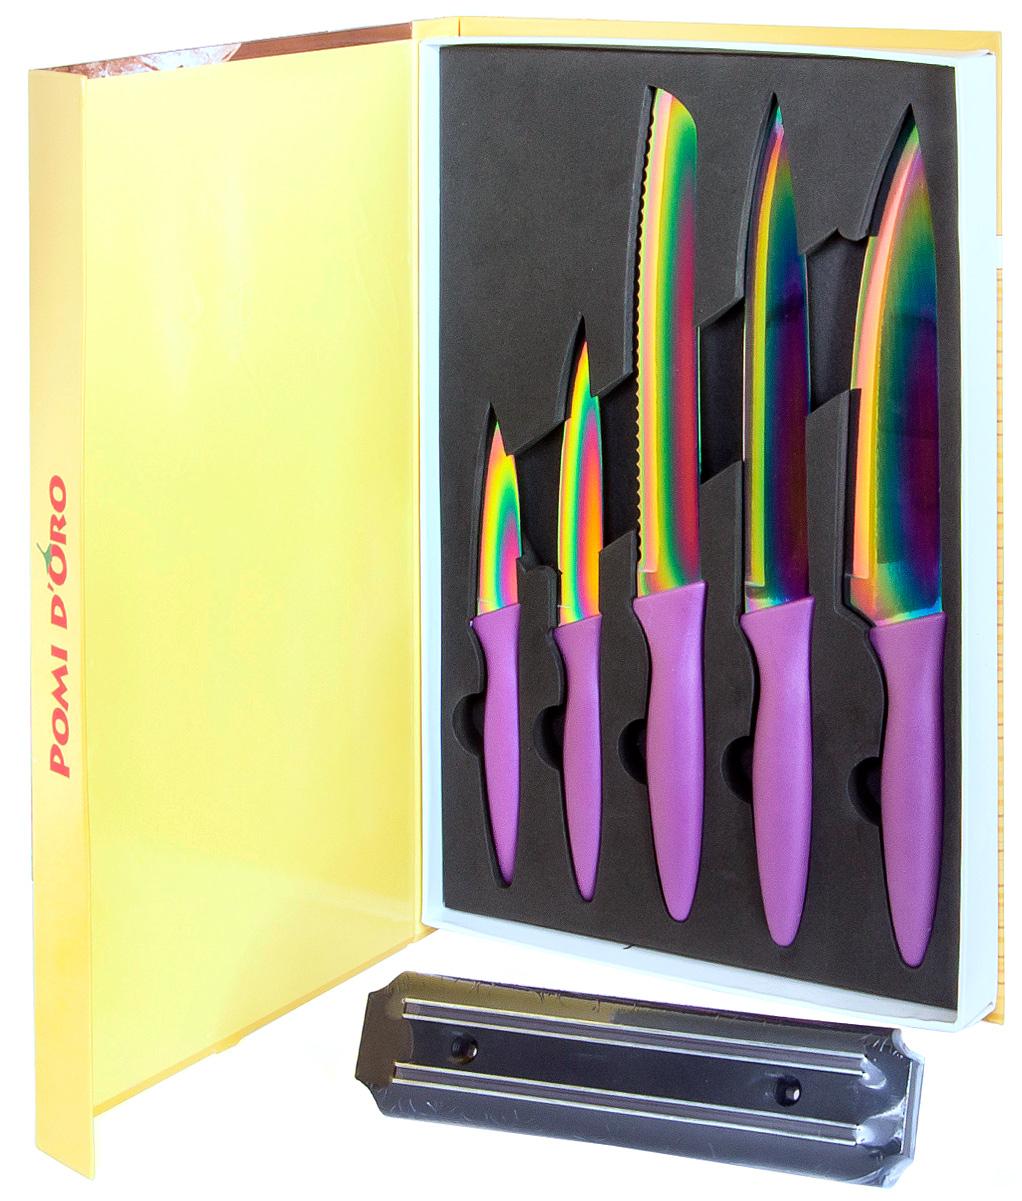 Набор ножей Pomi d'Oro SET70 (10) Titano, с титановым покрытием, 5 шт77.858@23568 / SET70 (10) TitanoНожи стальные с титановым покрытием Pomi d'Oro в наборе из 5 шт, SET70 Titan. Обрезиненная ручка. Магнит в комплекте. Kerano - униальный керамический нано-материал производства Kerano Produzione SPA, который не содержит вредные примеси, в т.ч. перфоктановую кислоту (PTFE) и примеси, используемые для легированной стали. Химически нейтрален, не вступает в химическую реакцию с пищей во время готовки. В комплекте: шеф нож 20см, нож для карвинга 20 см, хлебный нож 20см, универсальный нож 12 см, овощной нож 8 см, магнитный держатель.